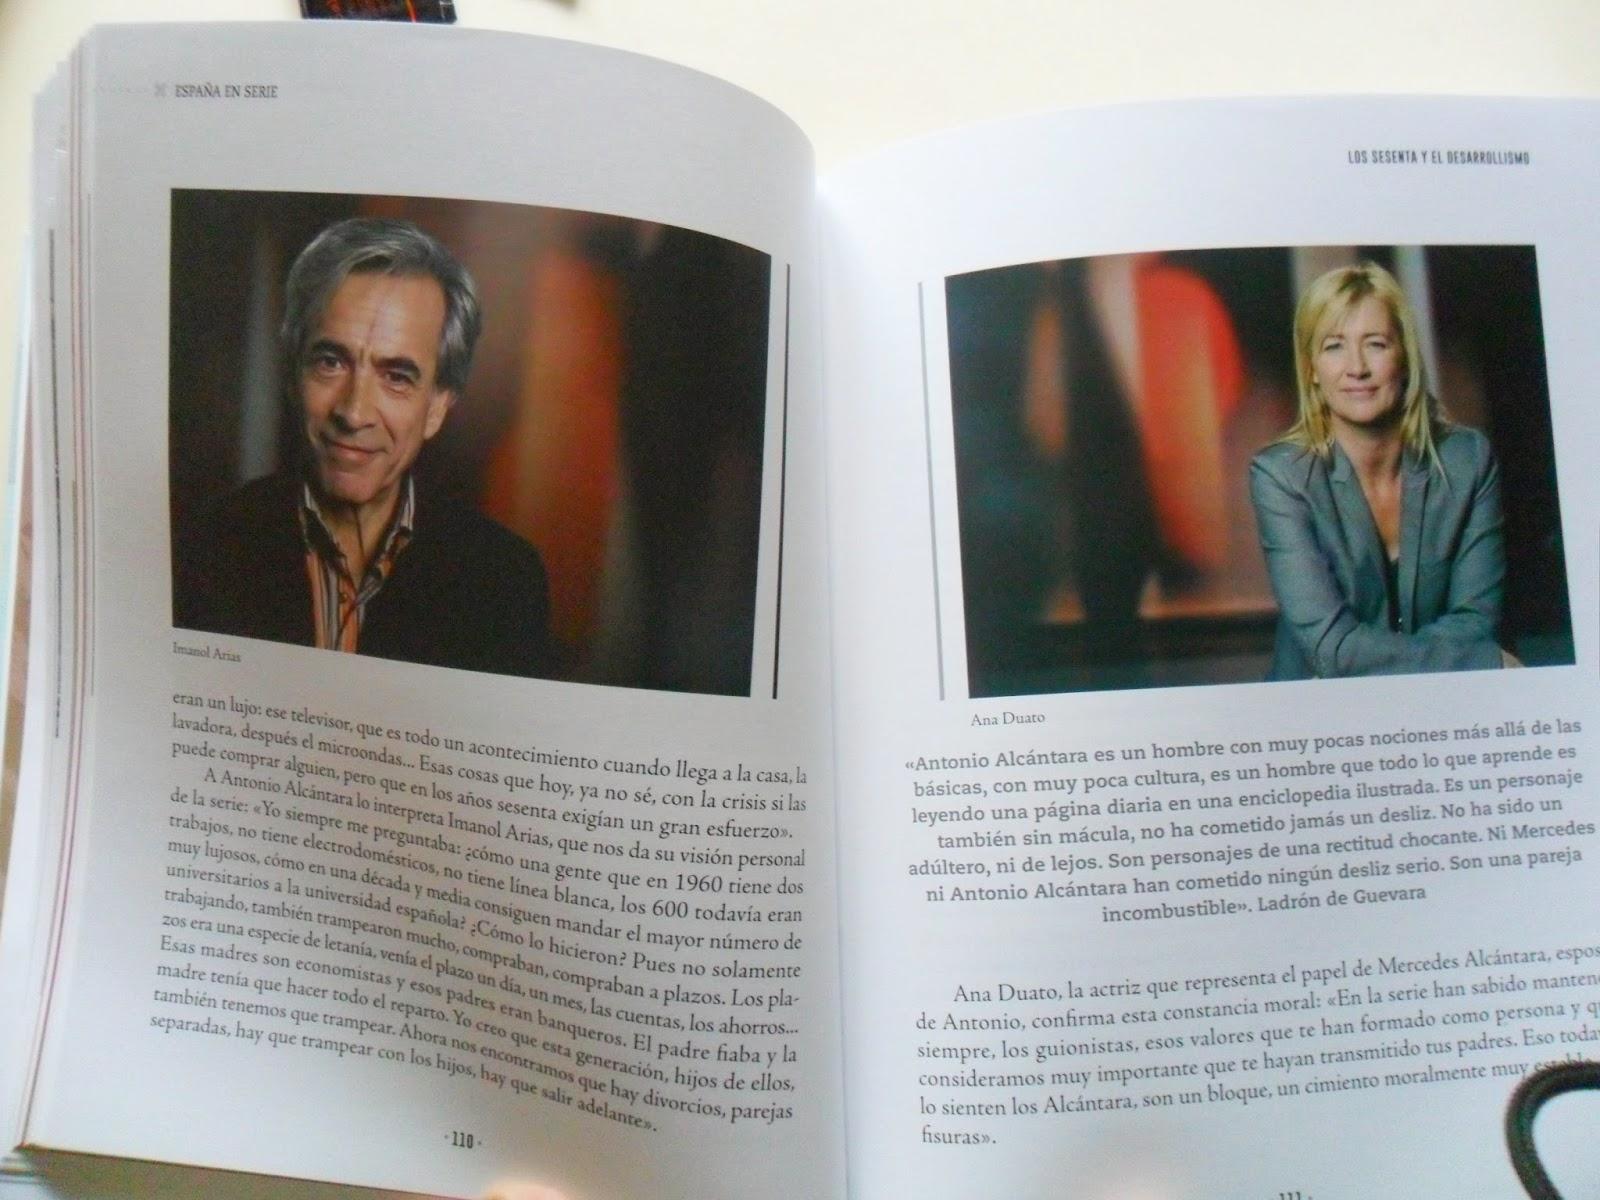 Cuéntame cómo pasó, en el libro de España en serie,Antonio Alcántara, Mercedes Fernández